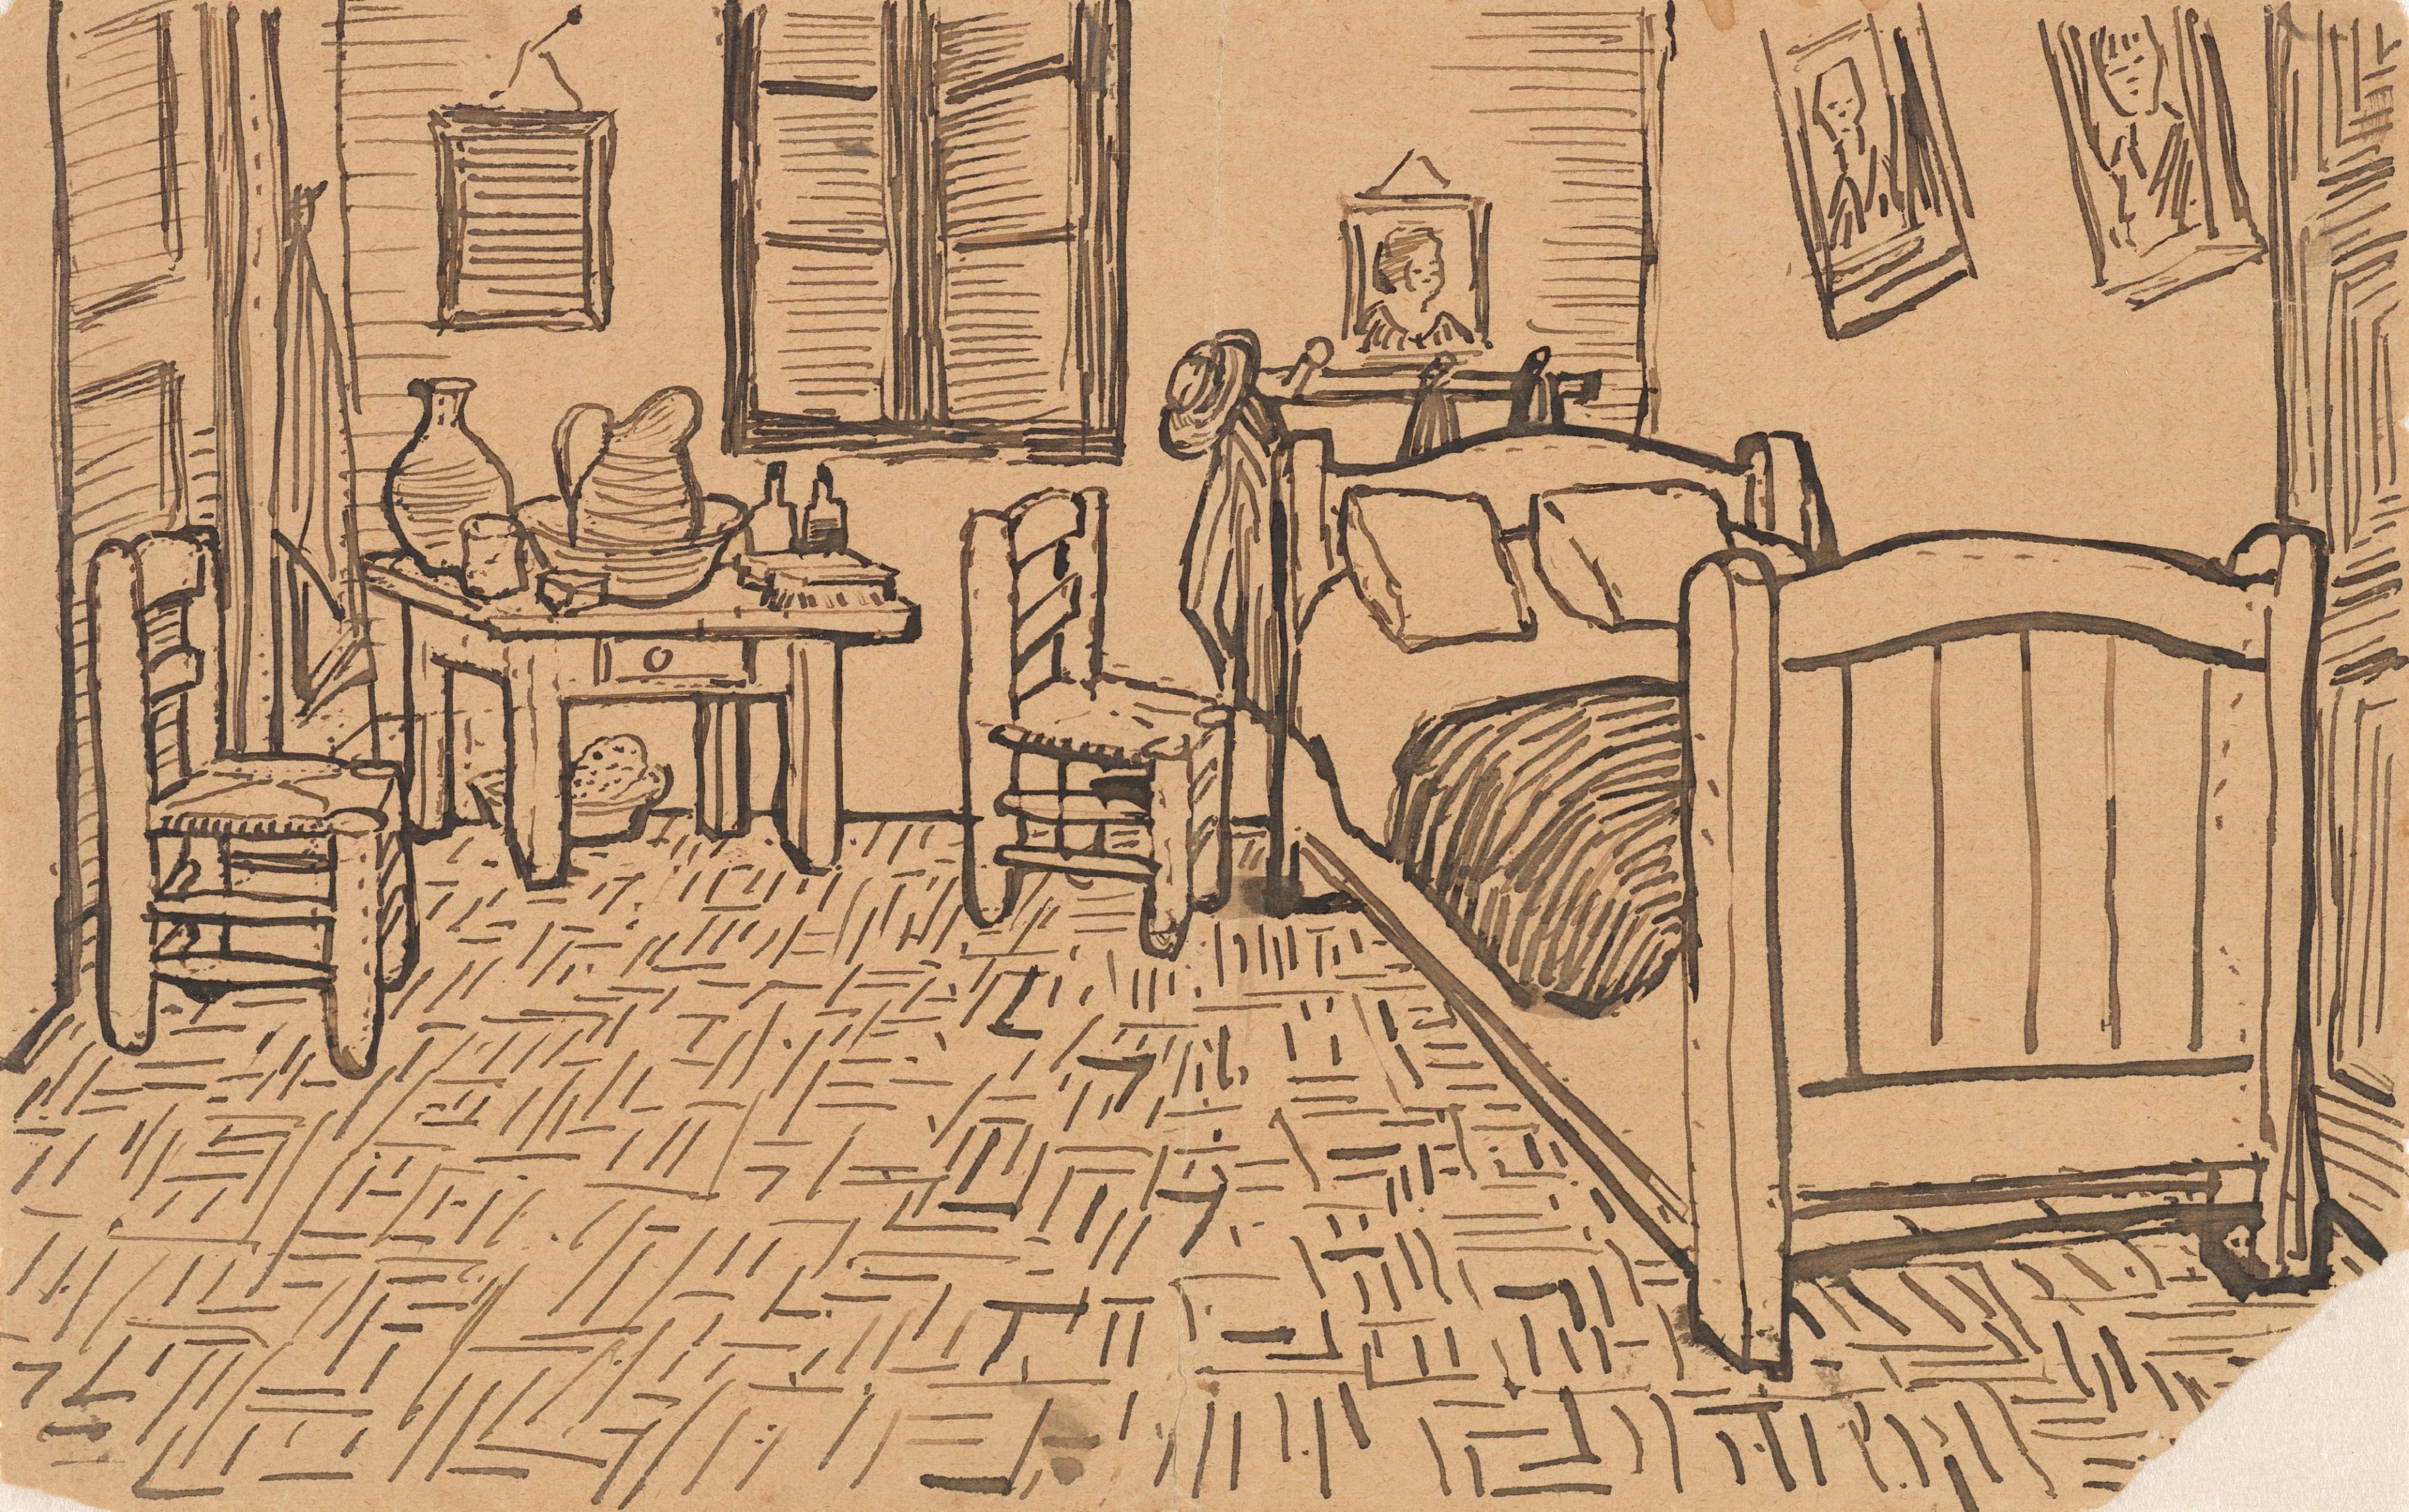 File:Vincent van Gogh - Vincent's Bedroom in Arles - Letter Sketch October 1888.jpg